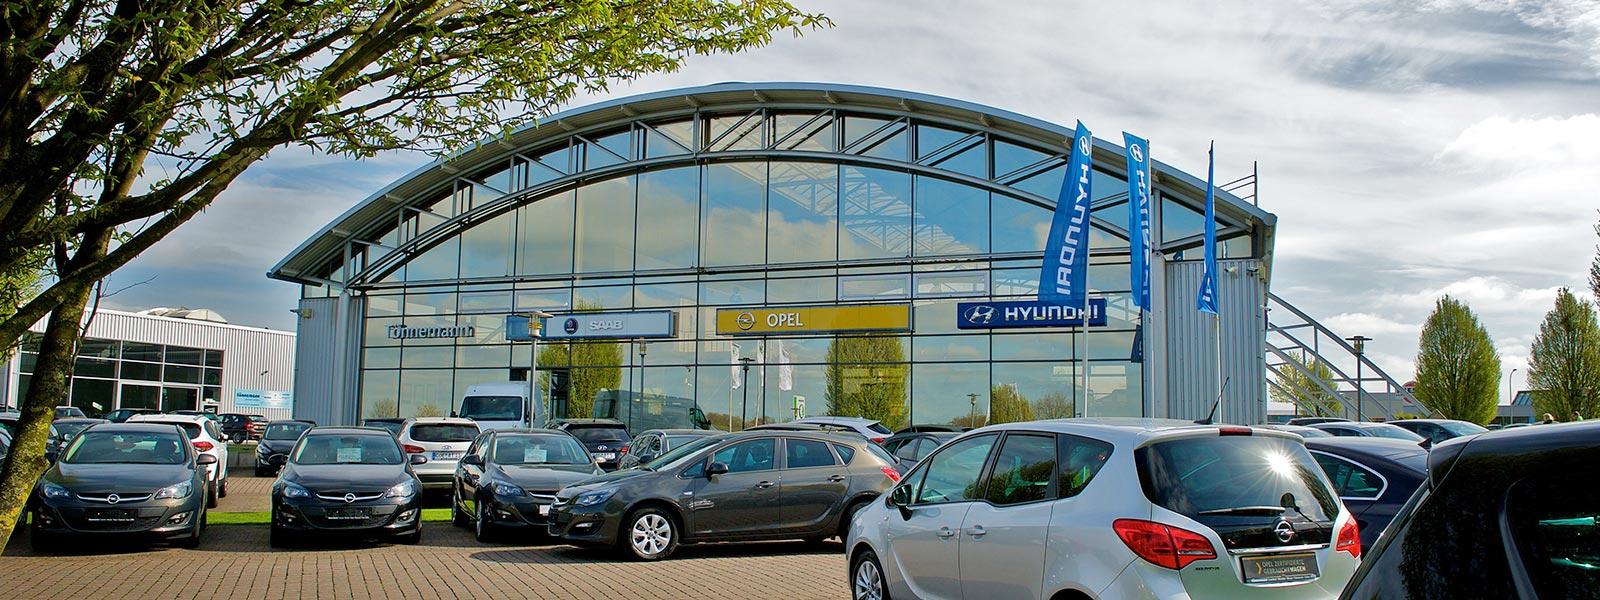 autohaus tönnemann gmbh & co. kg - autokauf ist vertrauenssache